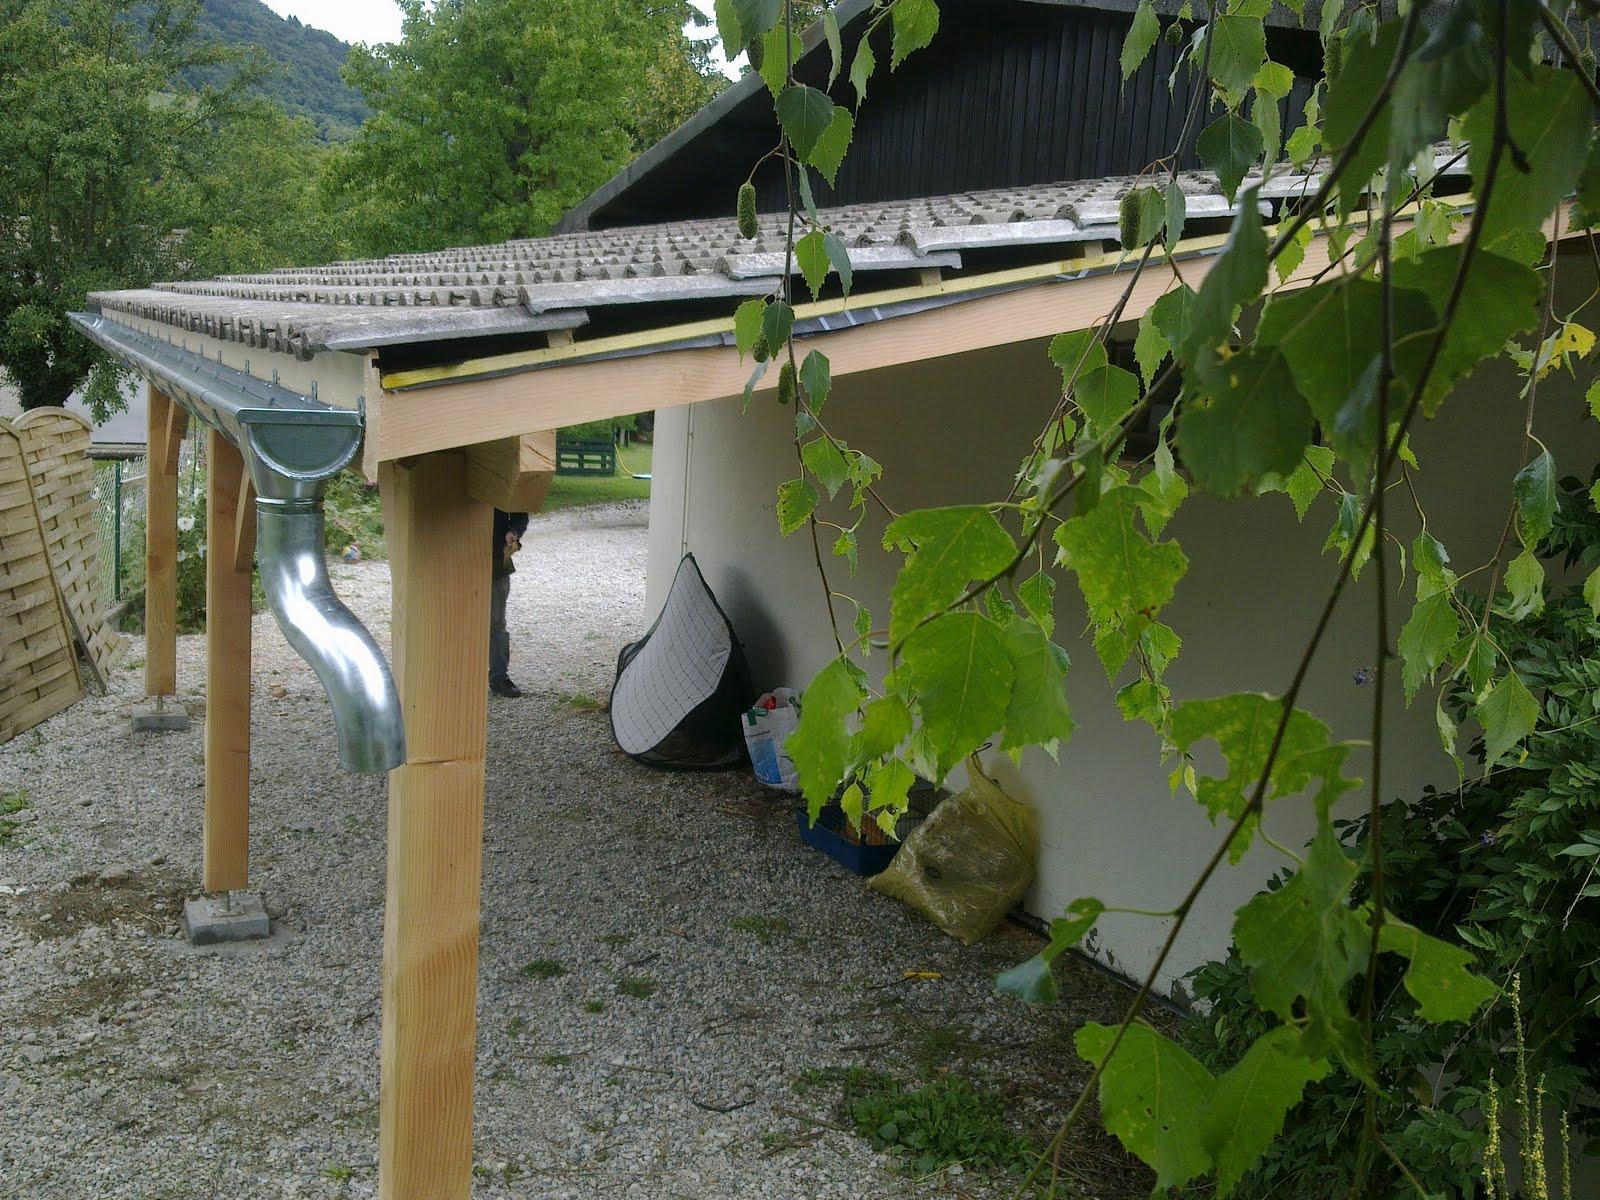 Algil multi abris carport double adosser en douglas - Montage carport bois ...